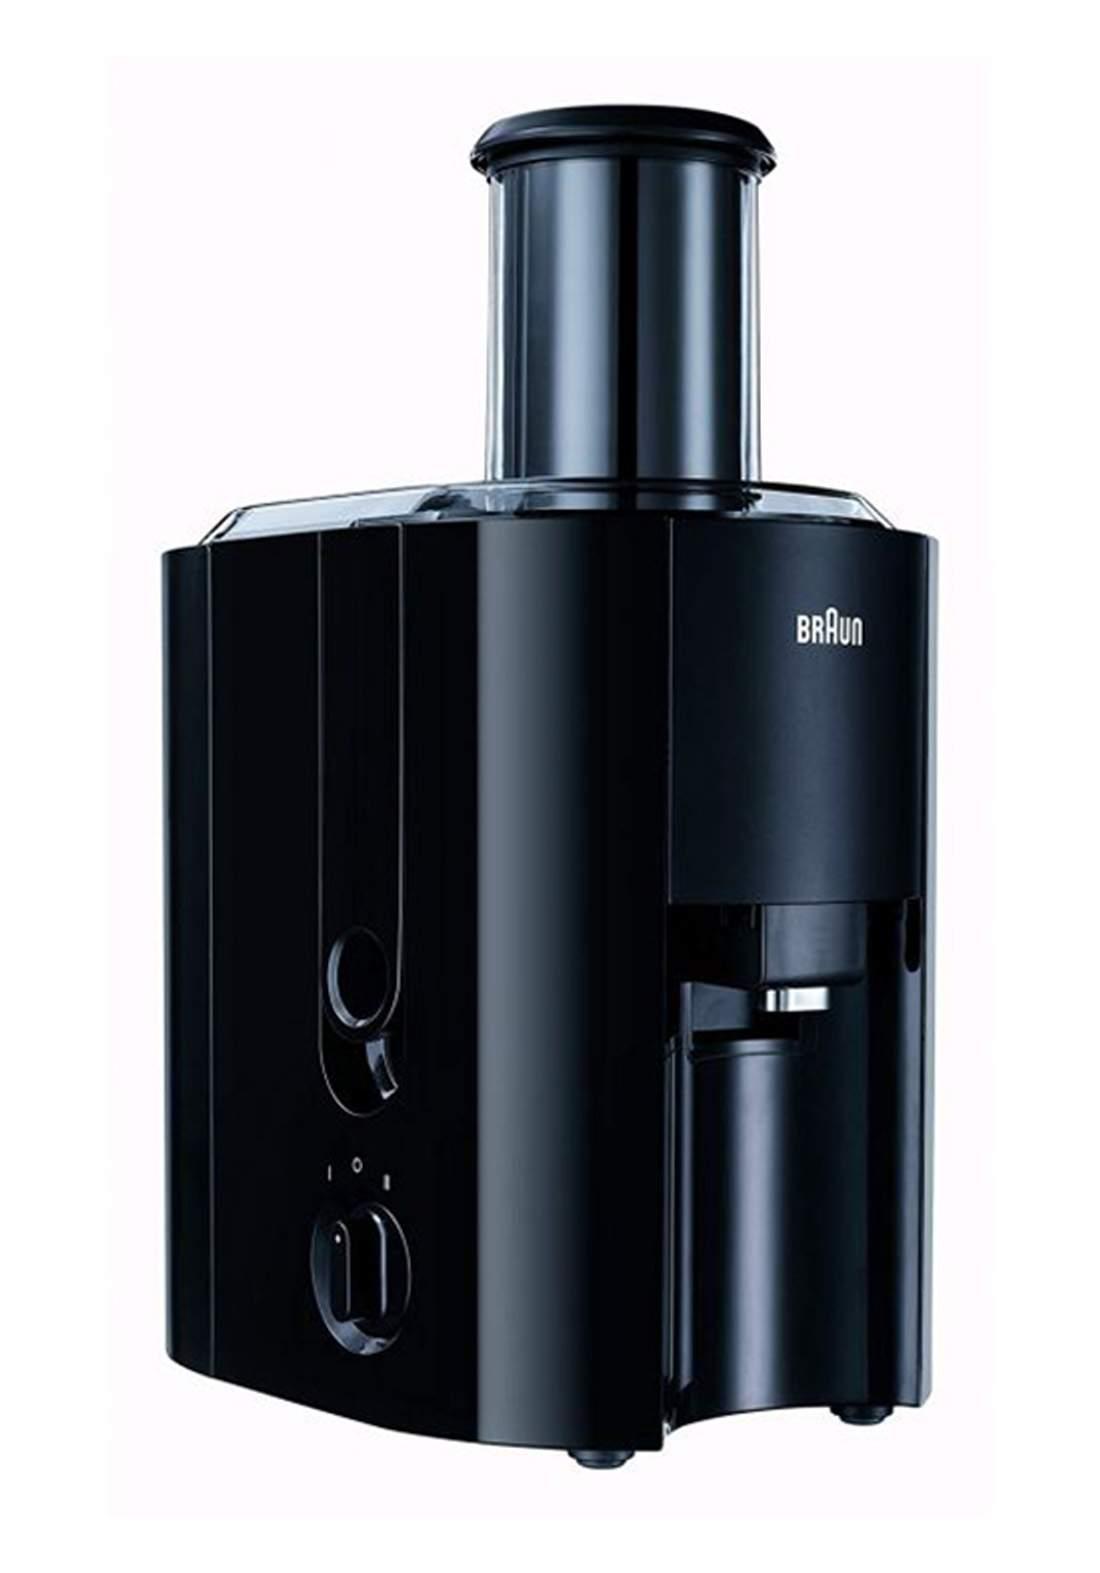 Braun J300  Multiquick Spin Whole Fruit  Juicer -Black  عصارة كهربائية